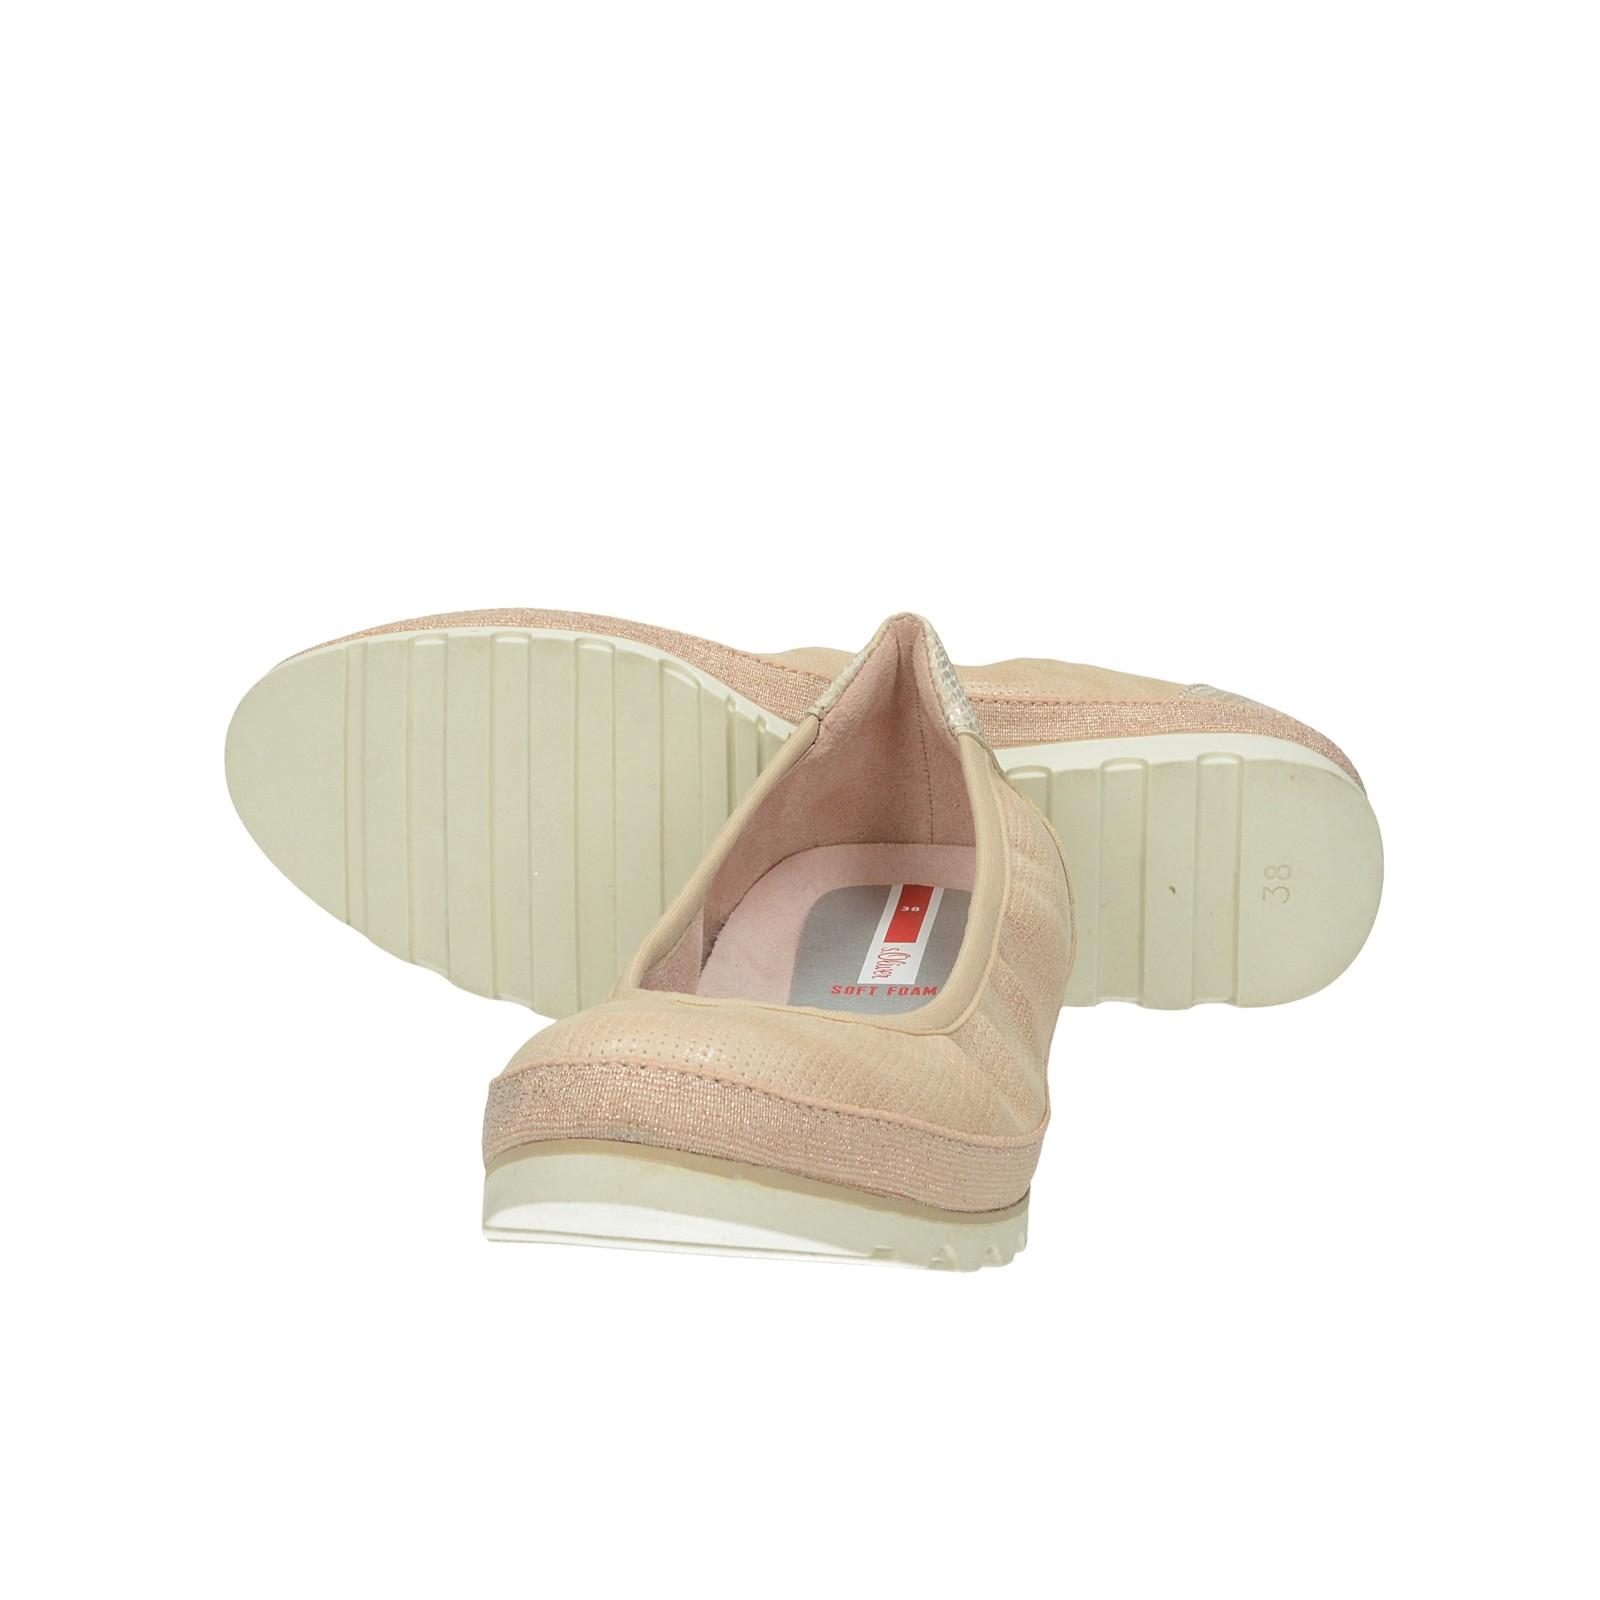 s.Oliver dámské stylové balerínky - růžové